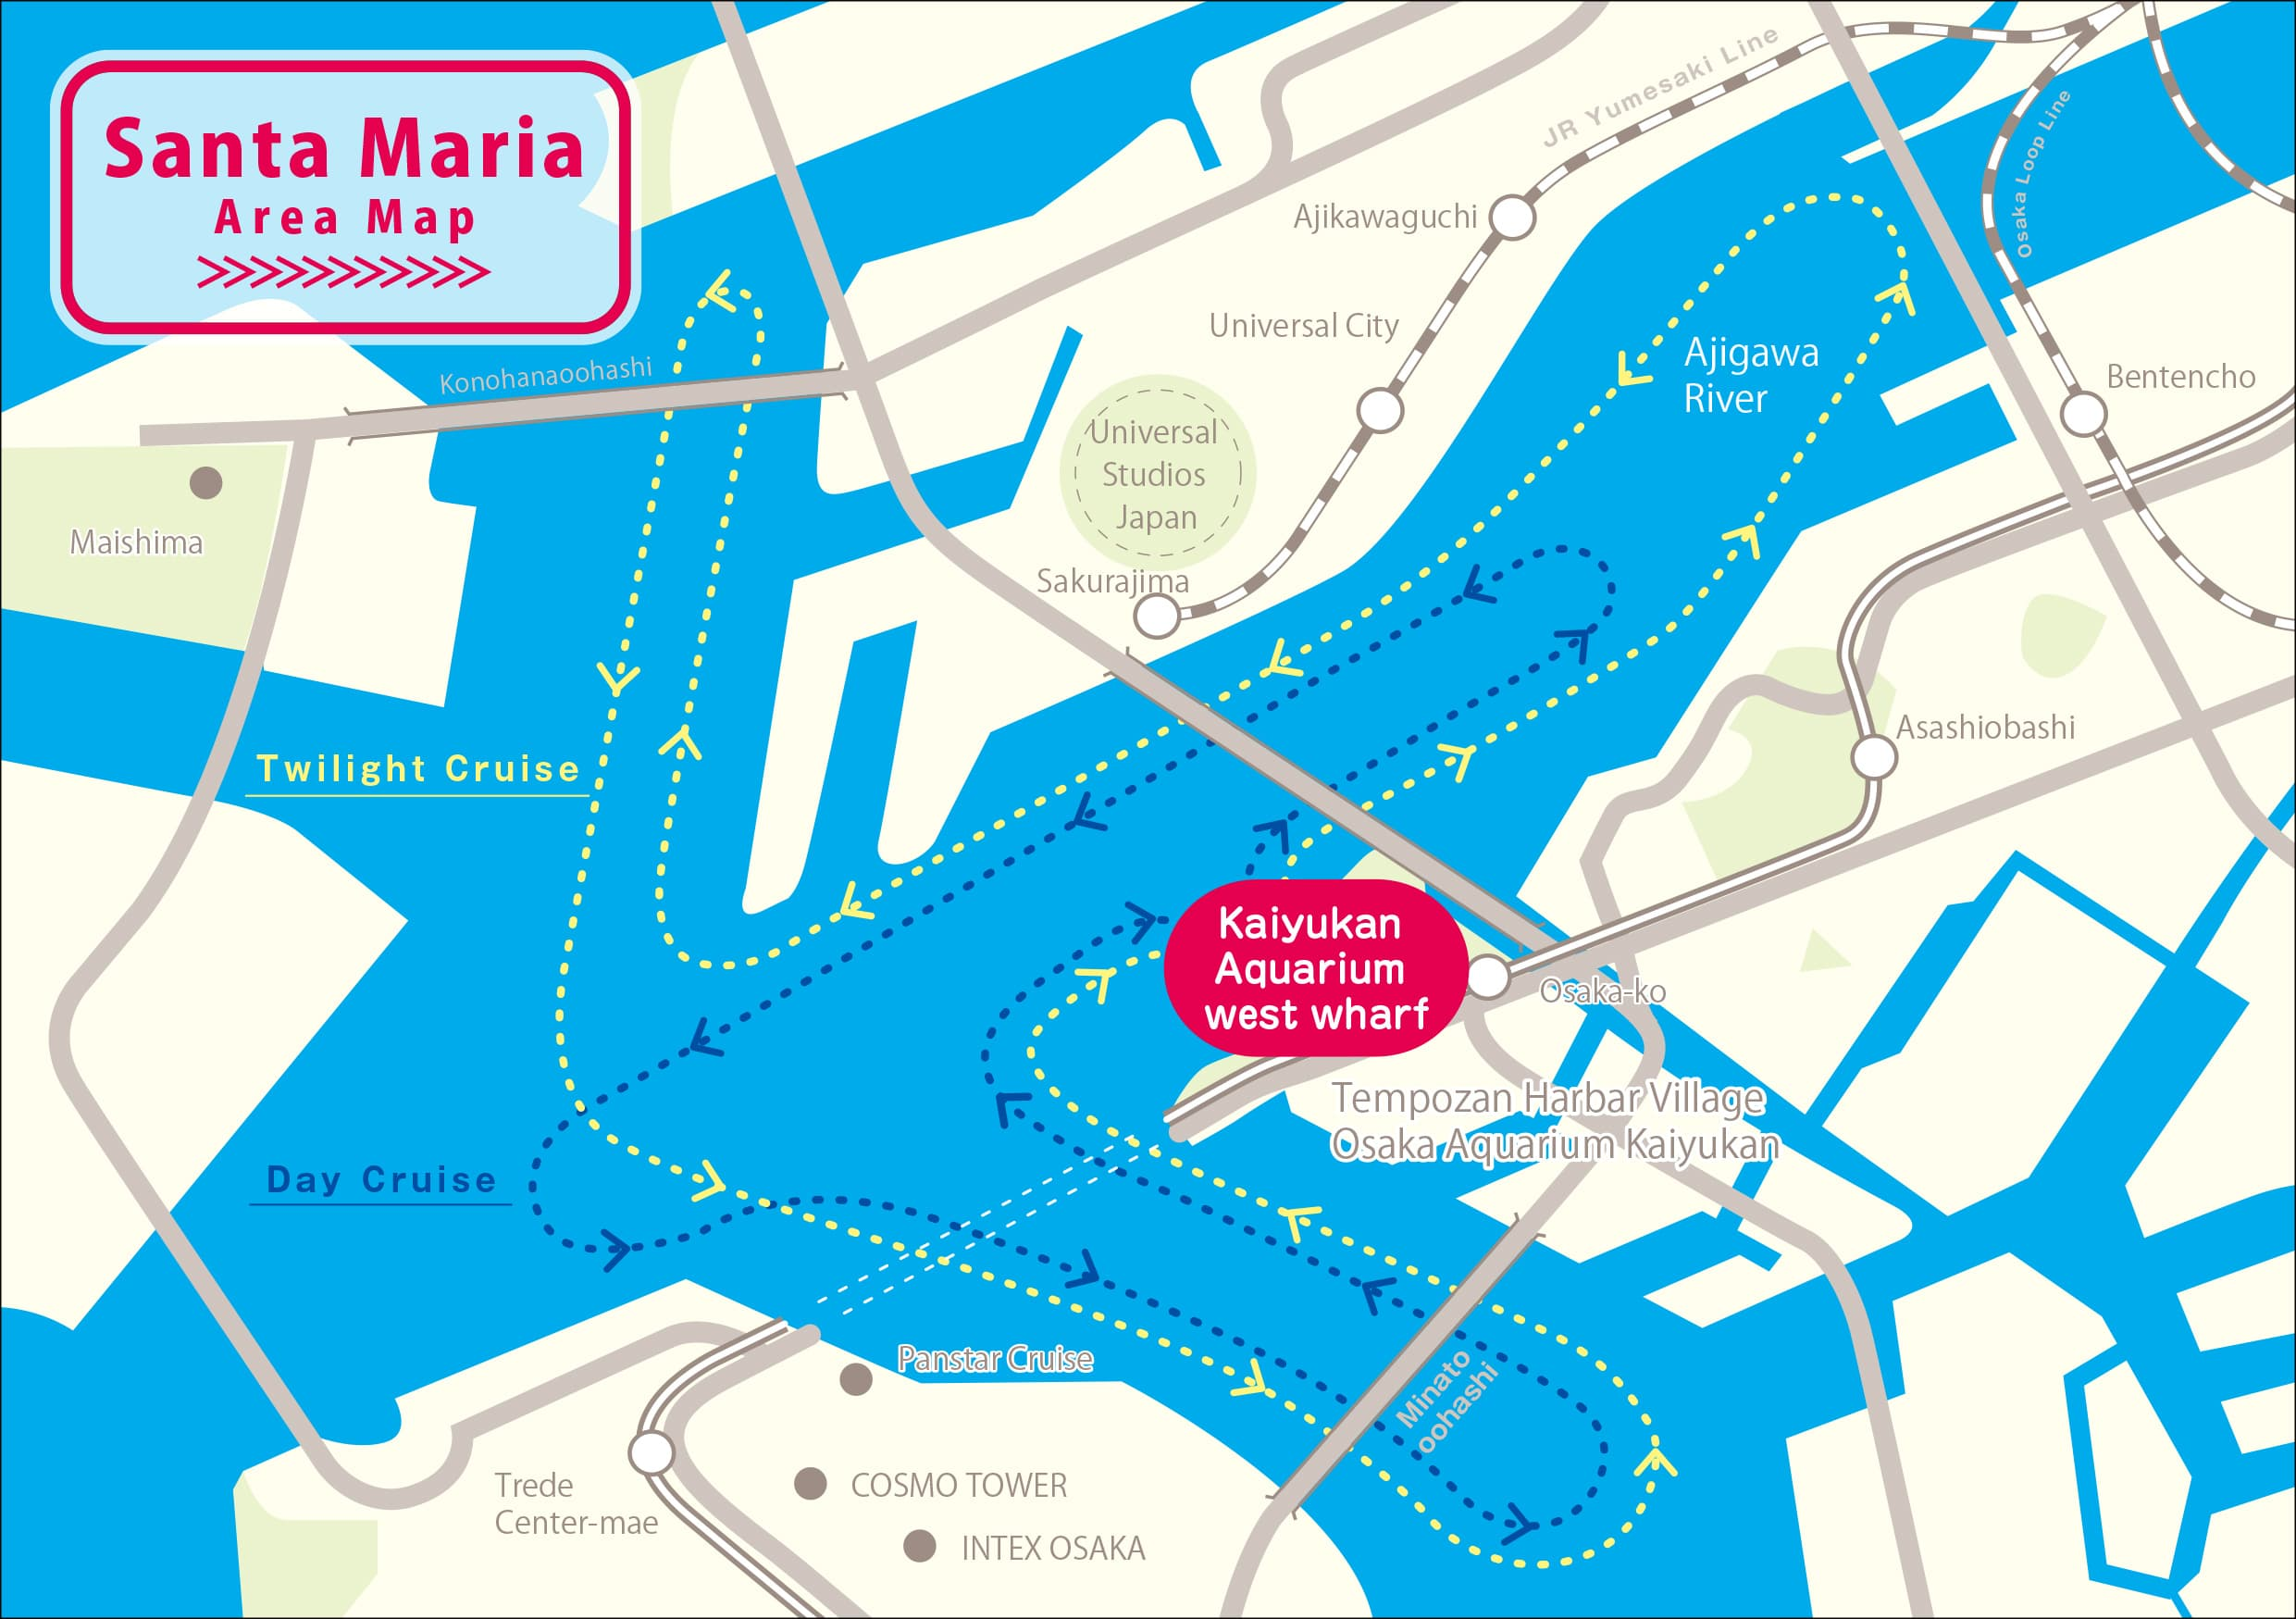 Santa Maria Area Map